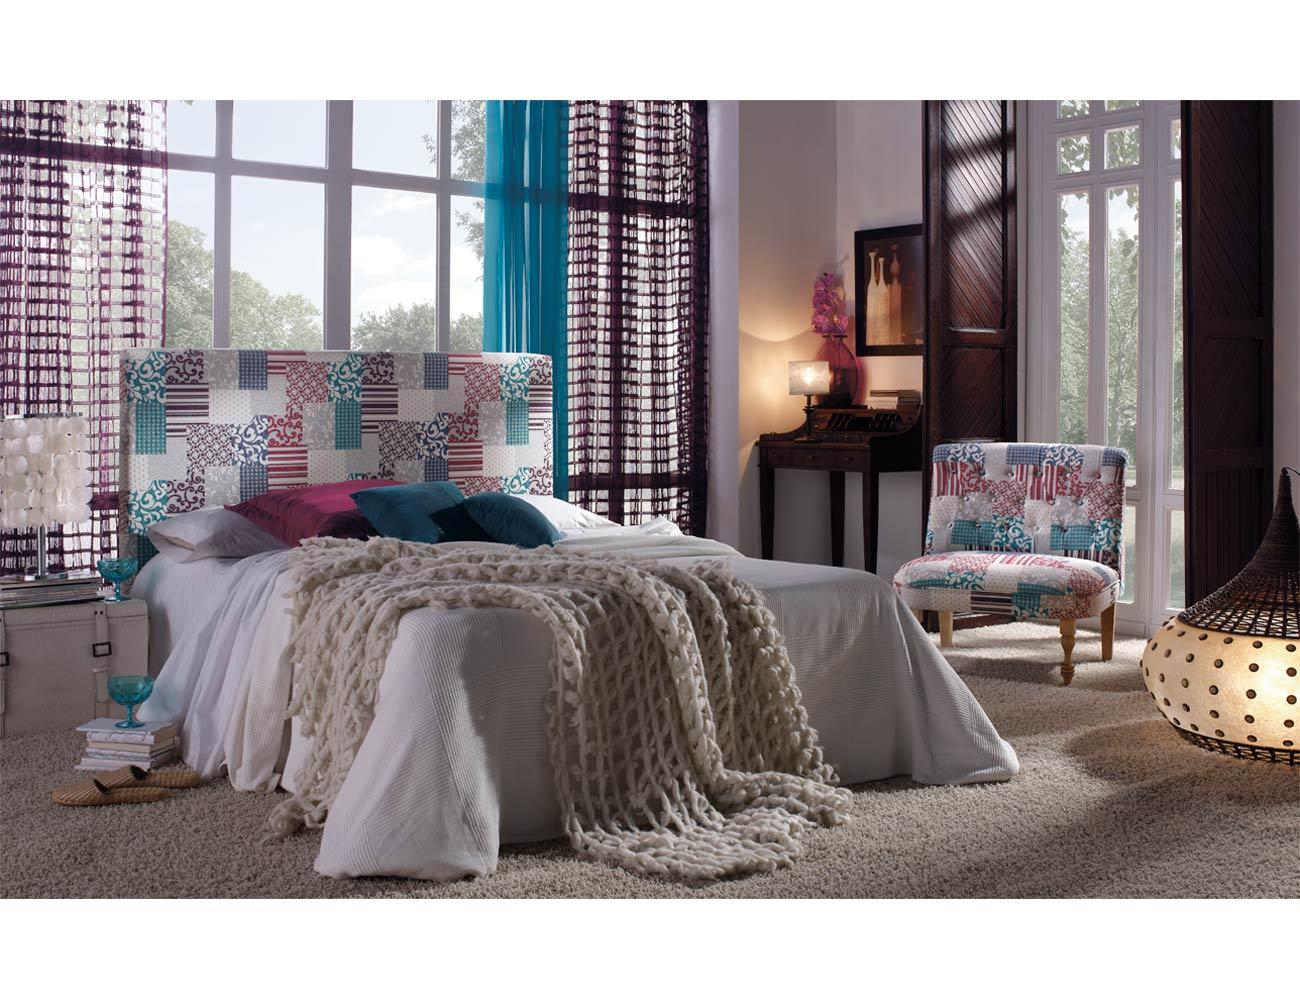 Dormitorio de matrimonio con cabecero en varios colores 15283 factory del mueble utrera - Factory del mueble utrera ...